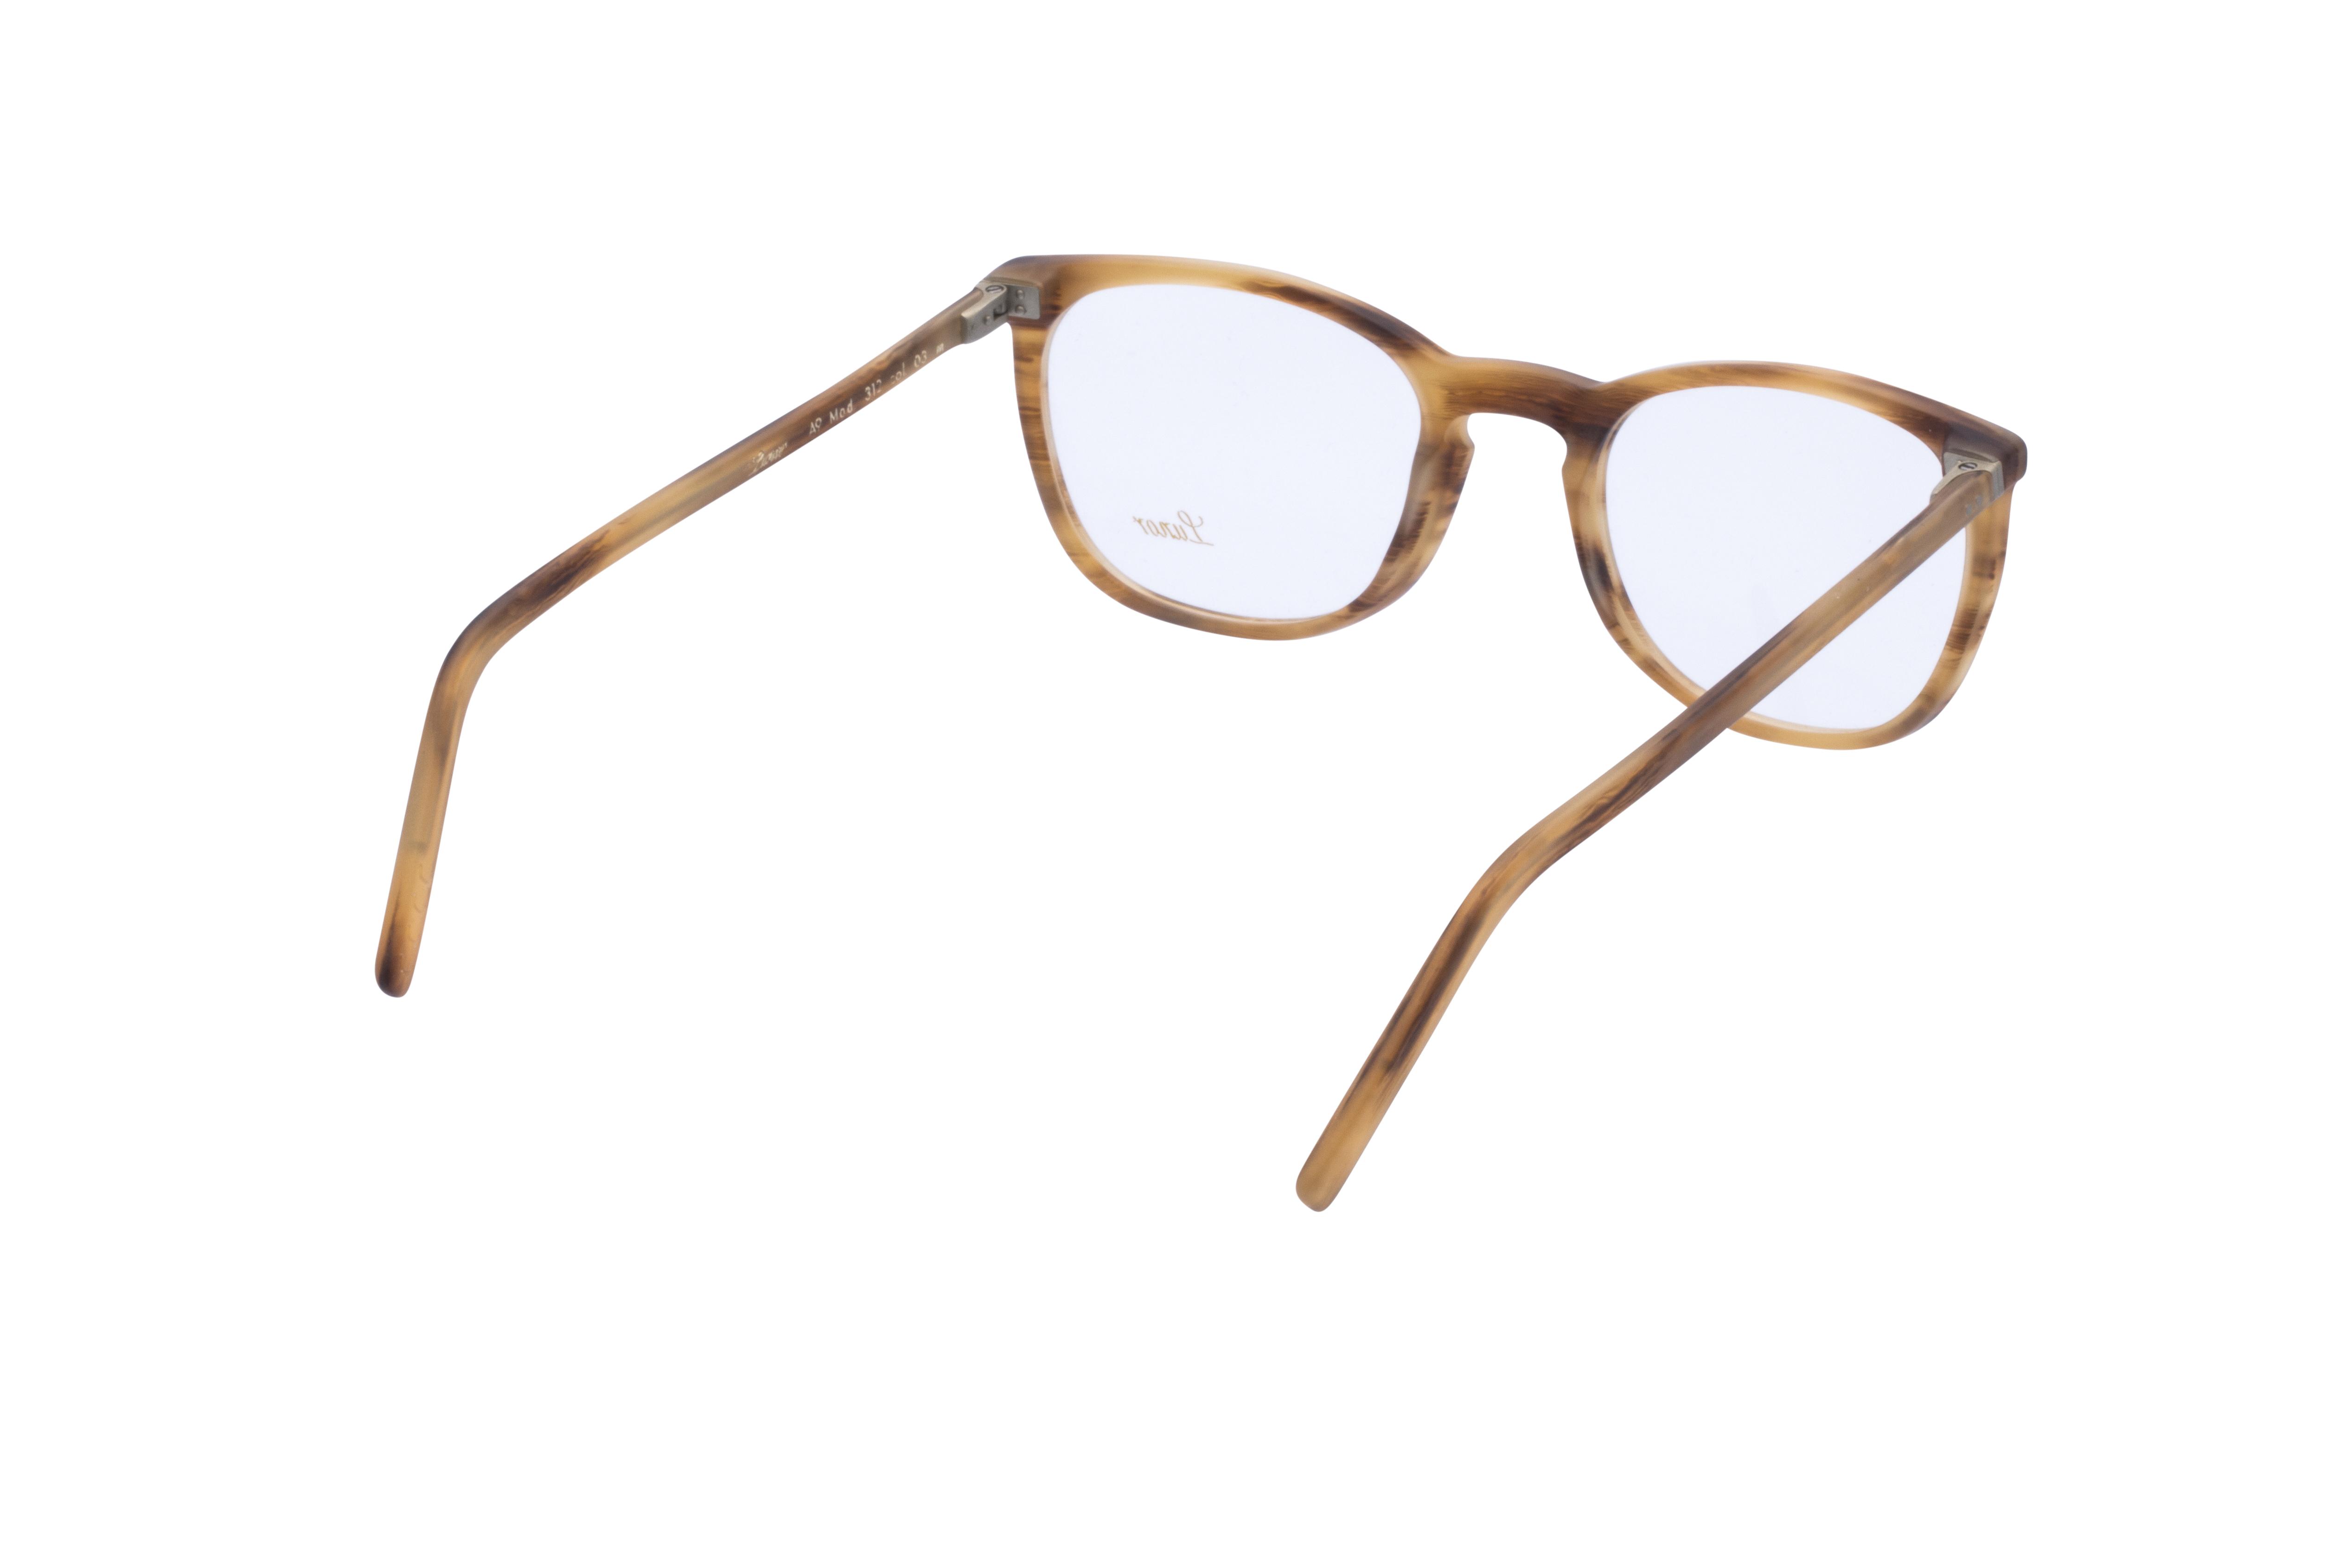 360 Grad Ansicht 10 Lunor 312, Brille auf Weiß - Fassung bei KUNK